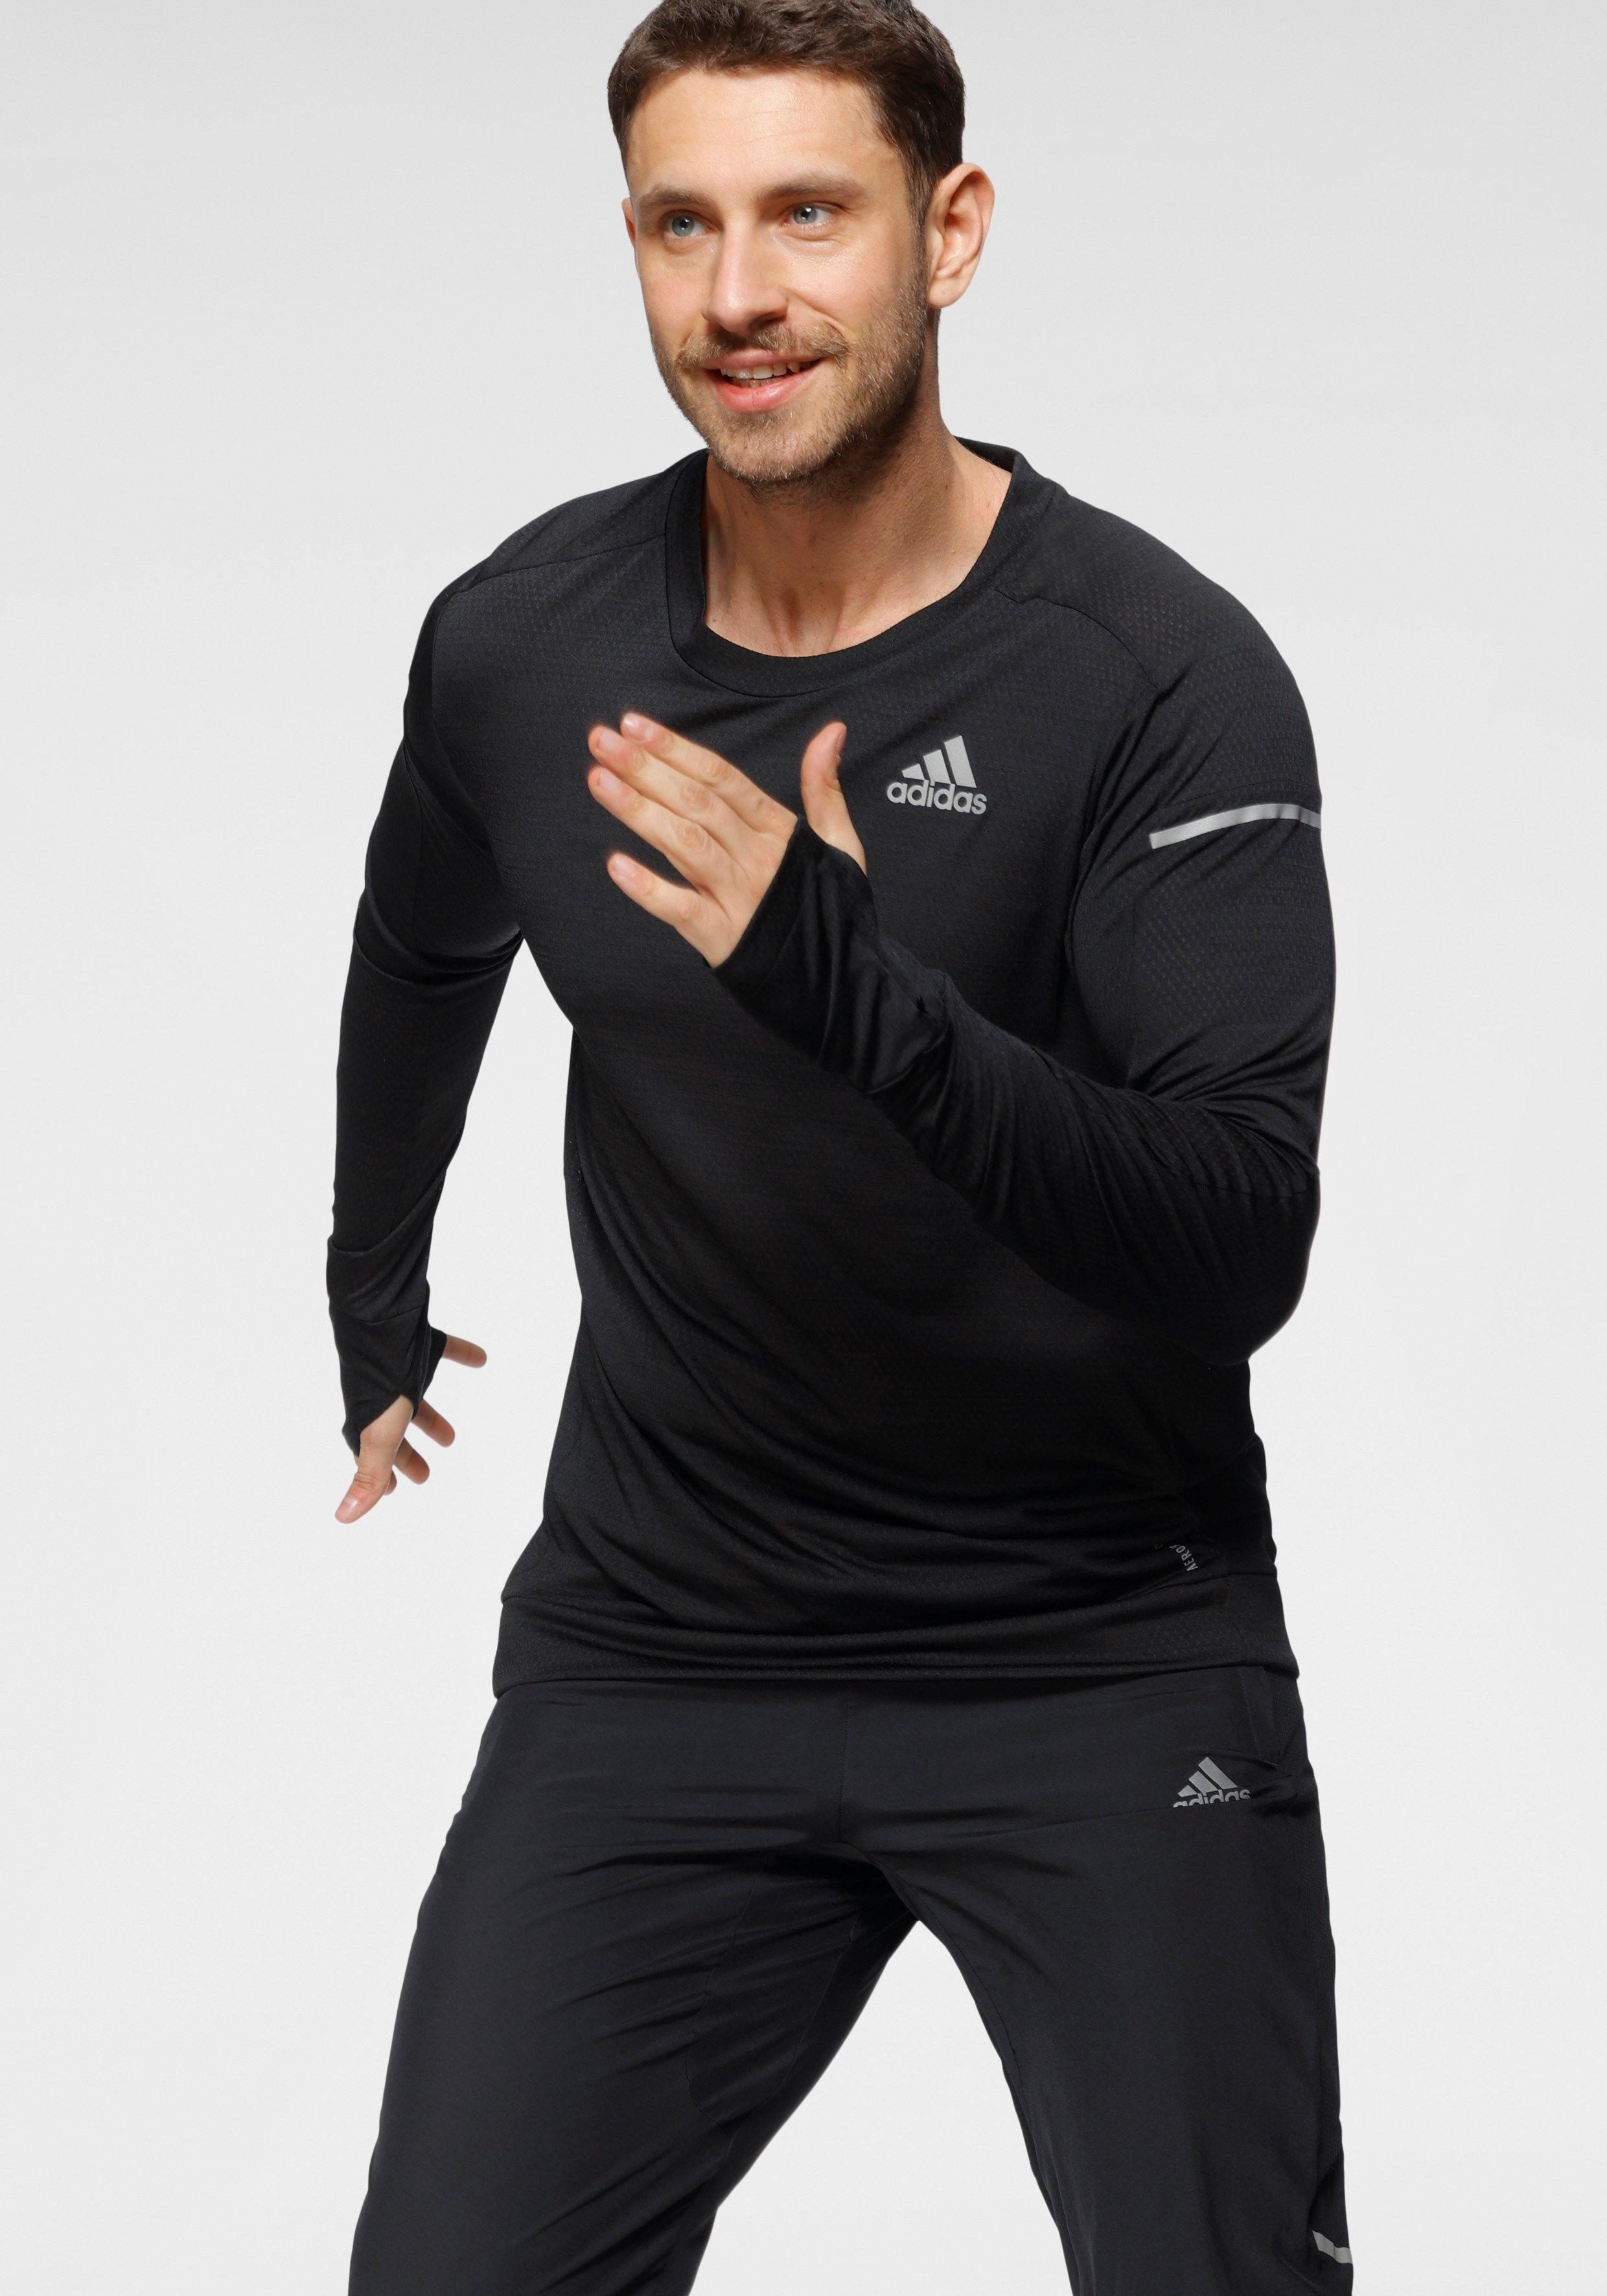 adidas Performance runningshirt COOLER LONGSLEEVE - verschillende betaalmethodes